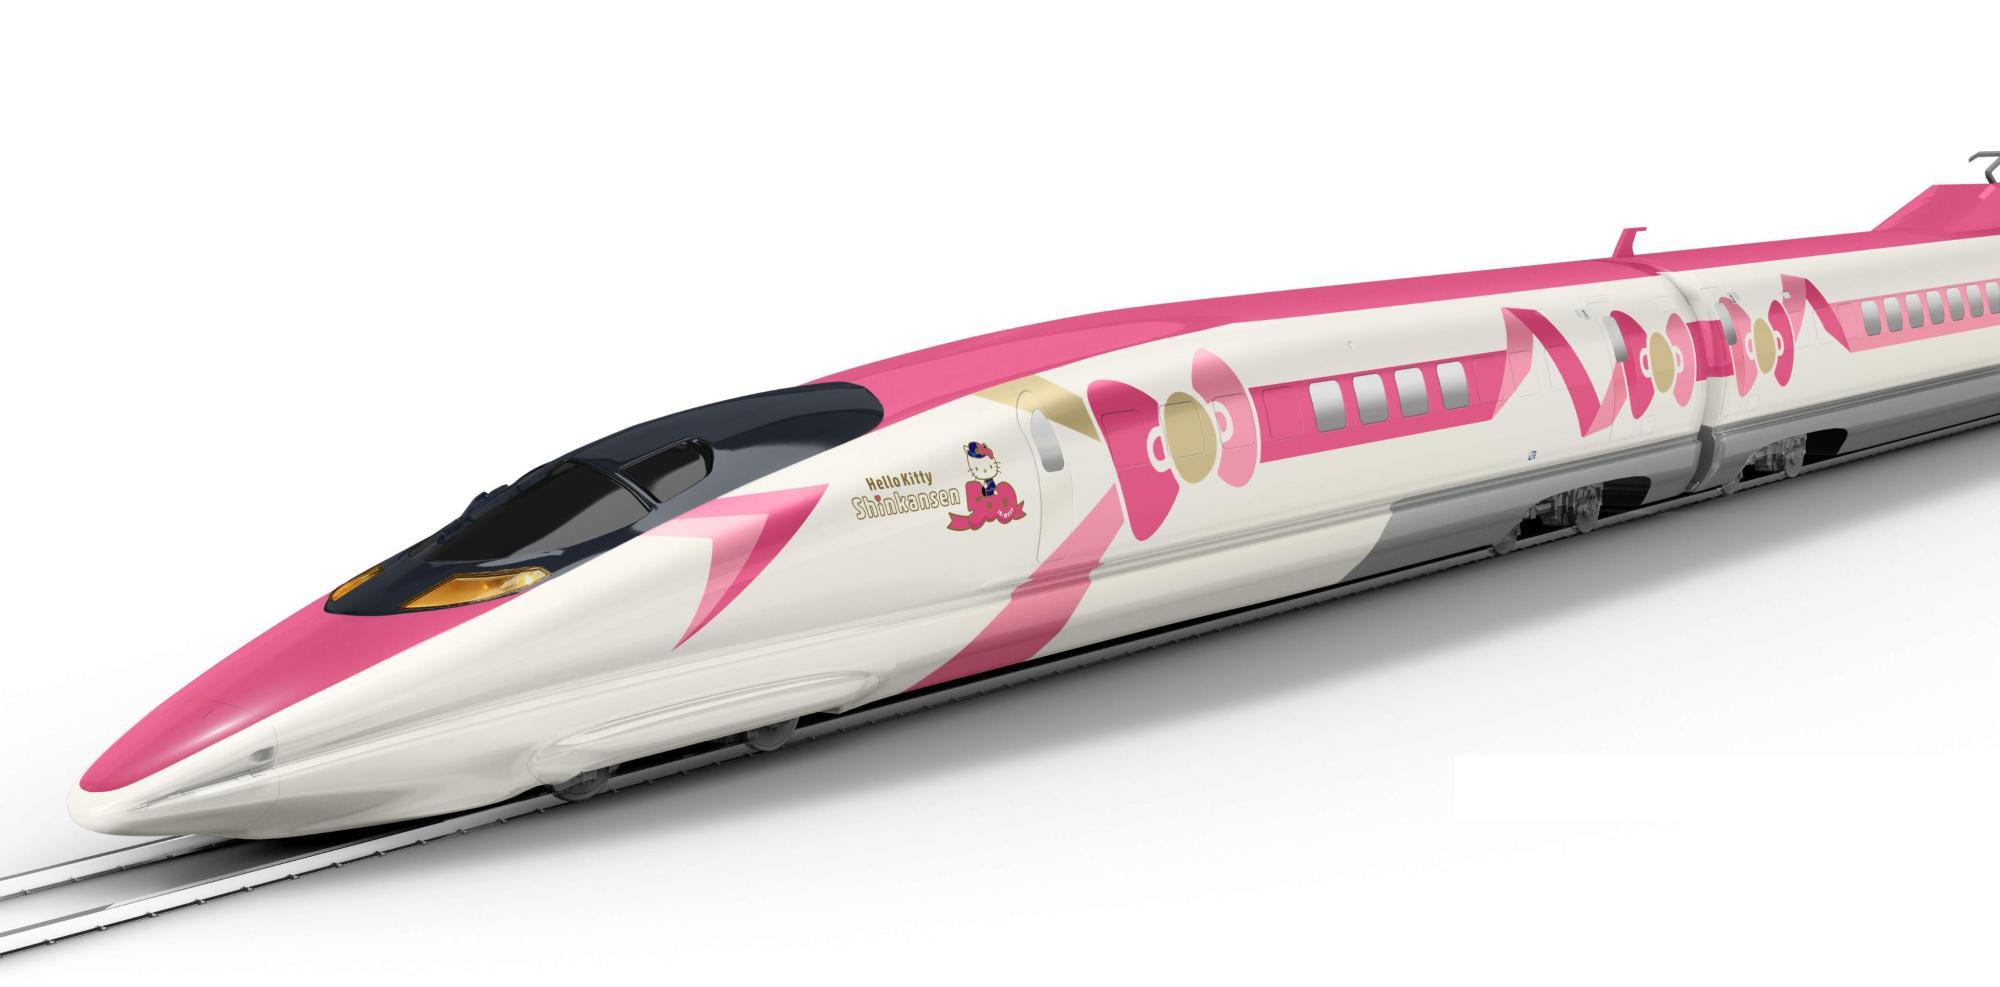 Biało różowy pociąg z namalowaną różową kokardą po boku na białym tle.